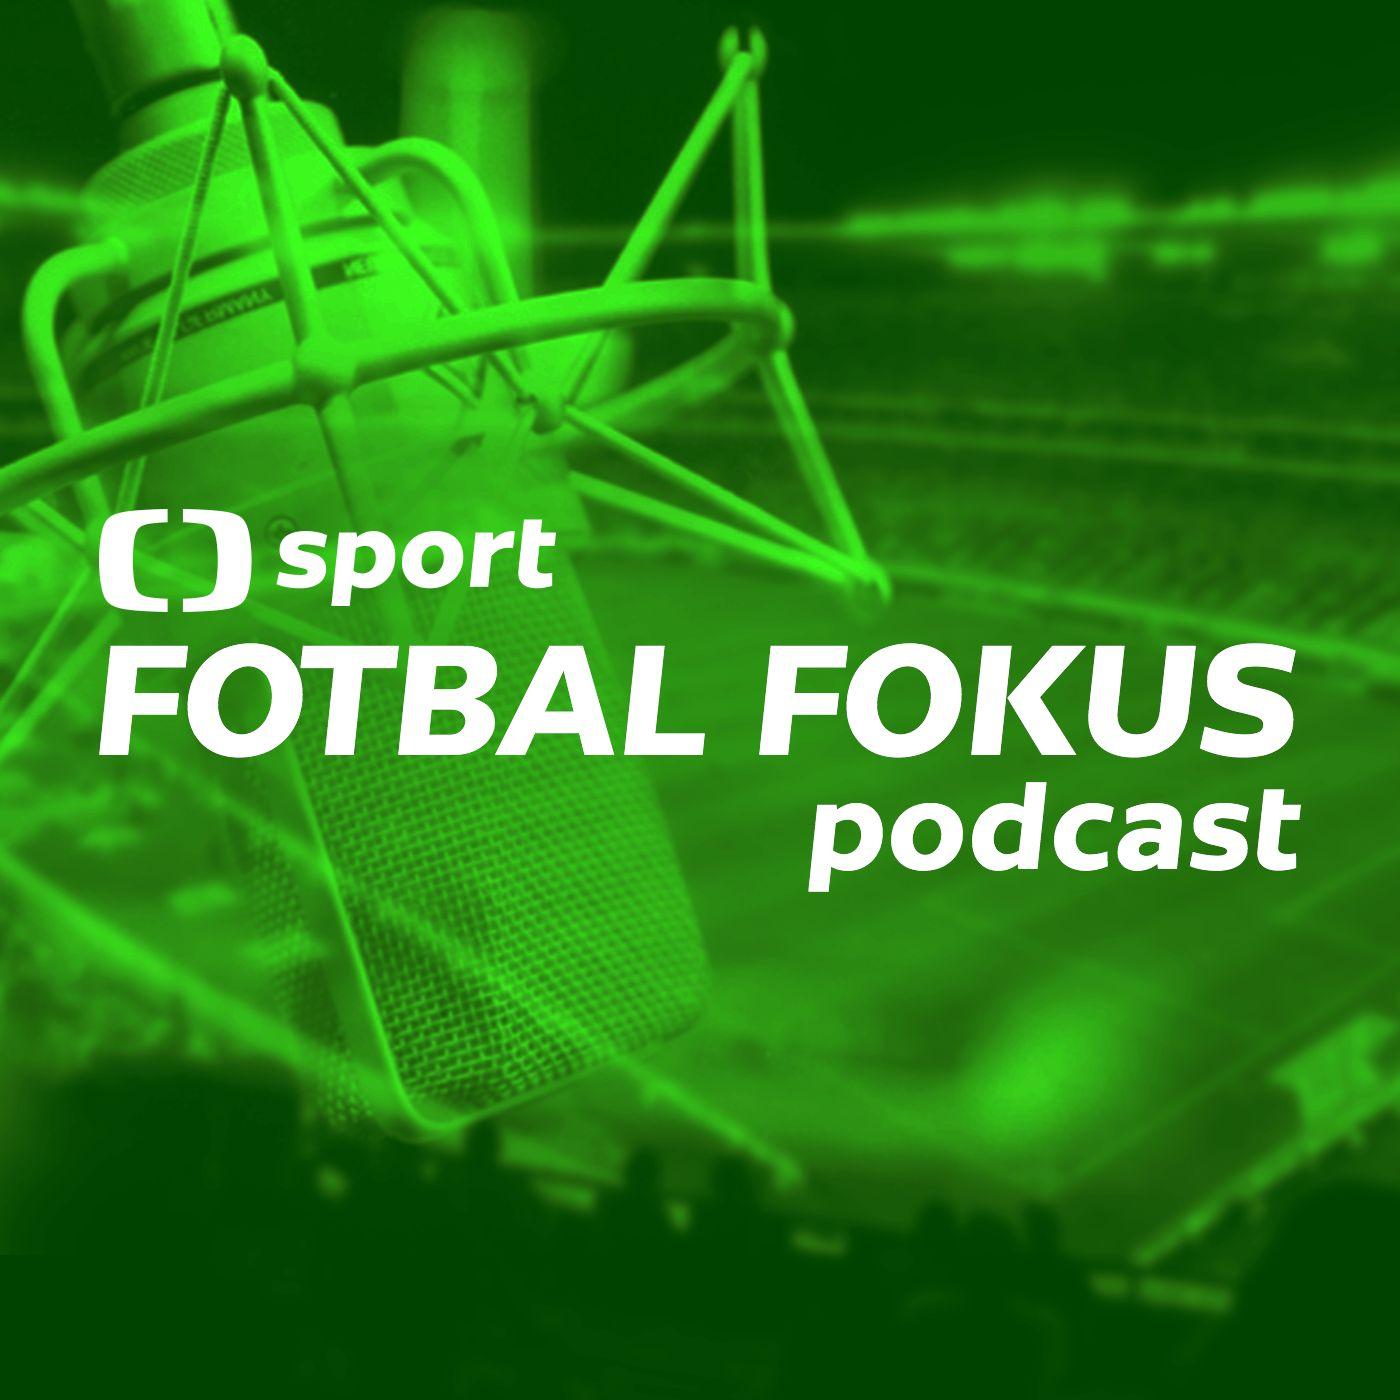 Fotbal fokus podcast: Nastal čas pro radikální změny v Barceloně a Bayernu?